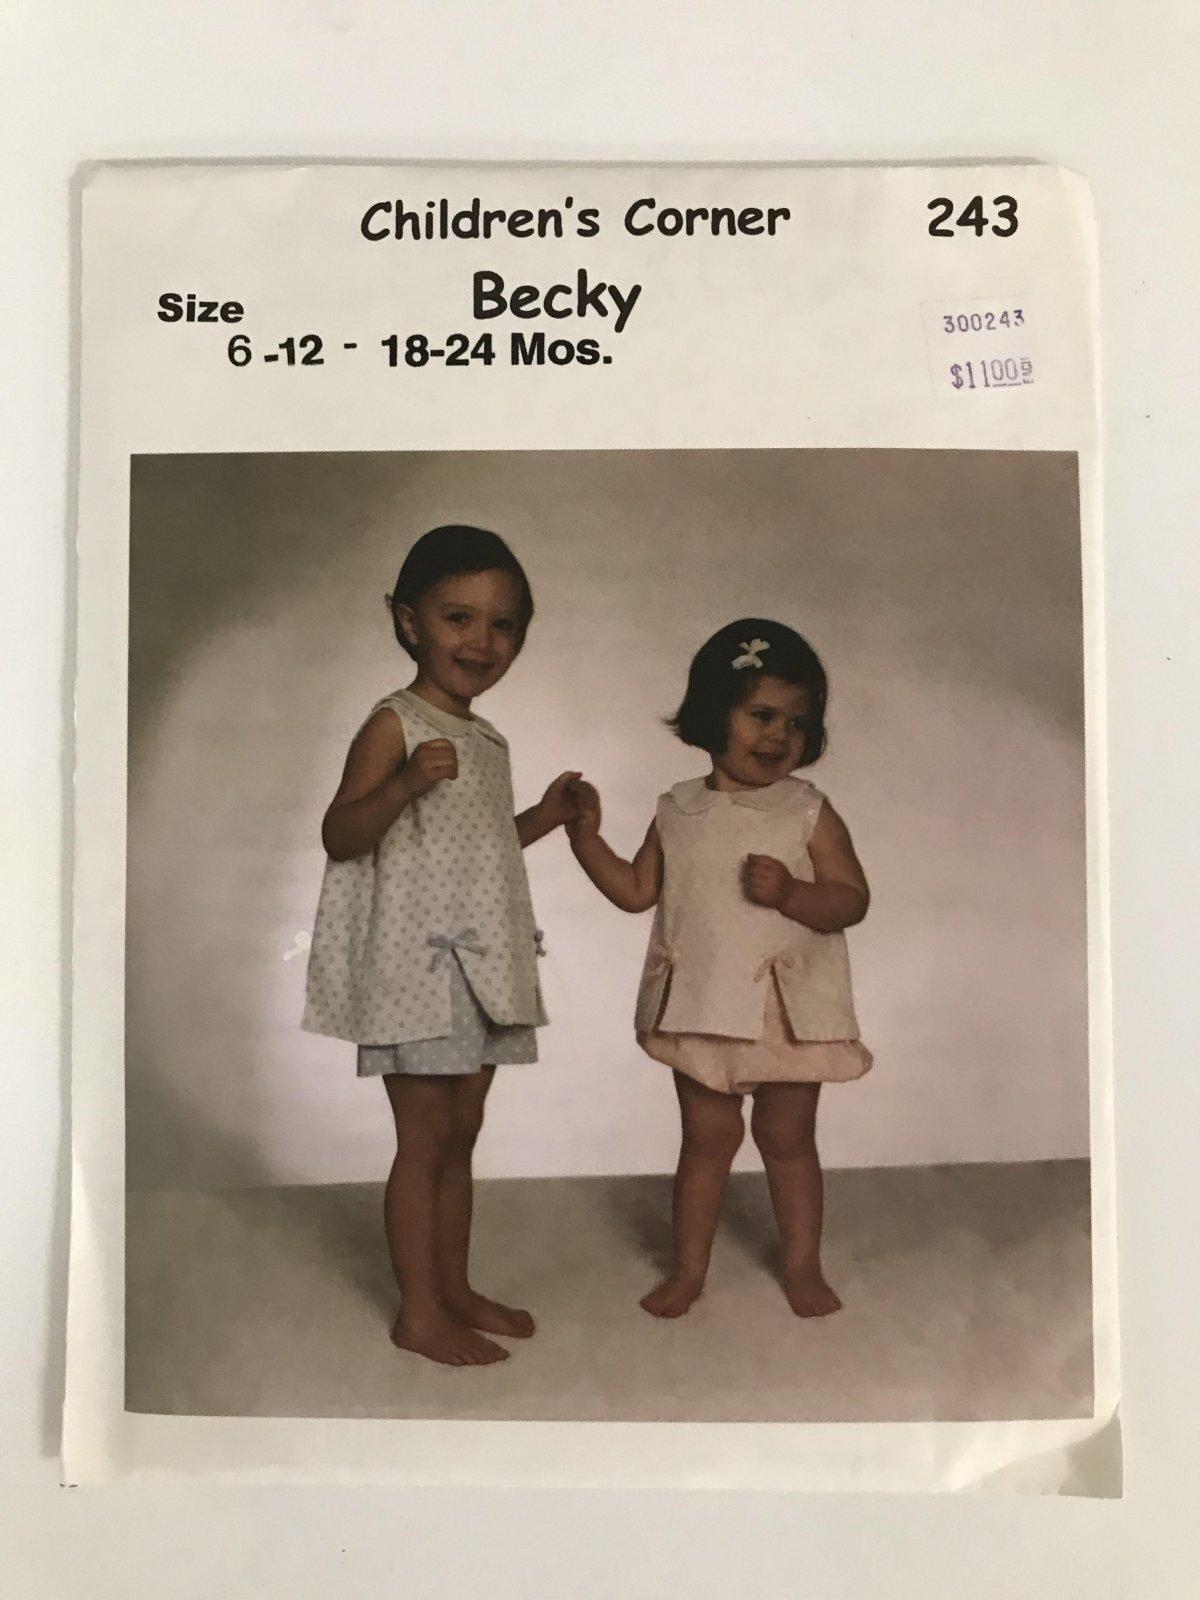 CHILDREN'S CORNER BECKY